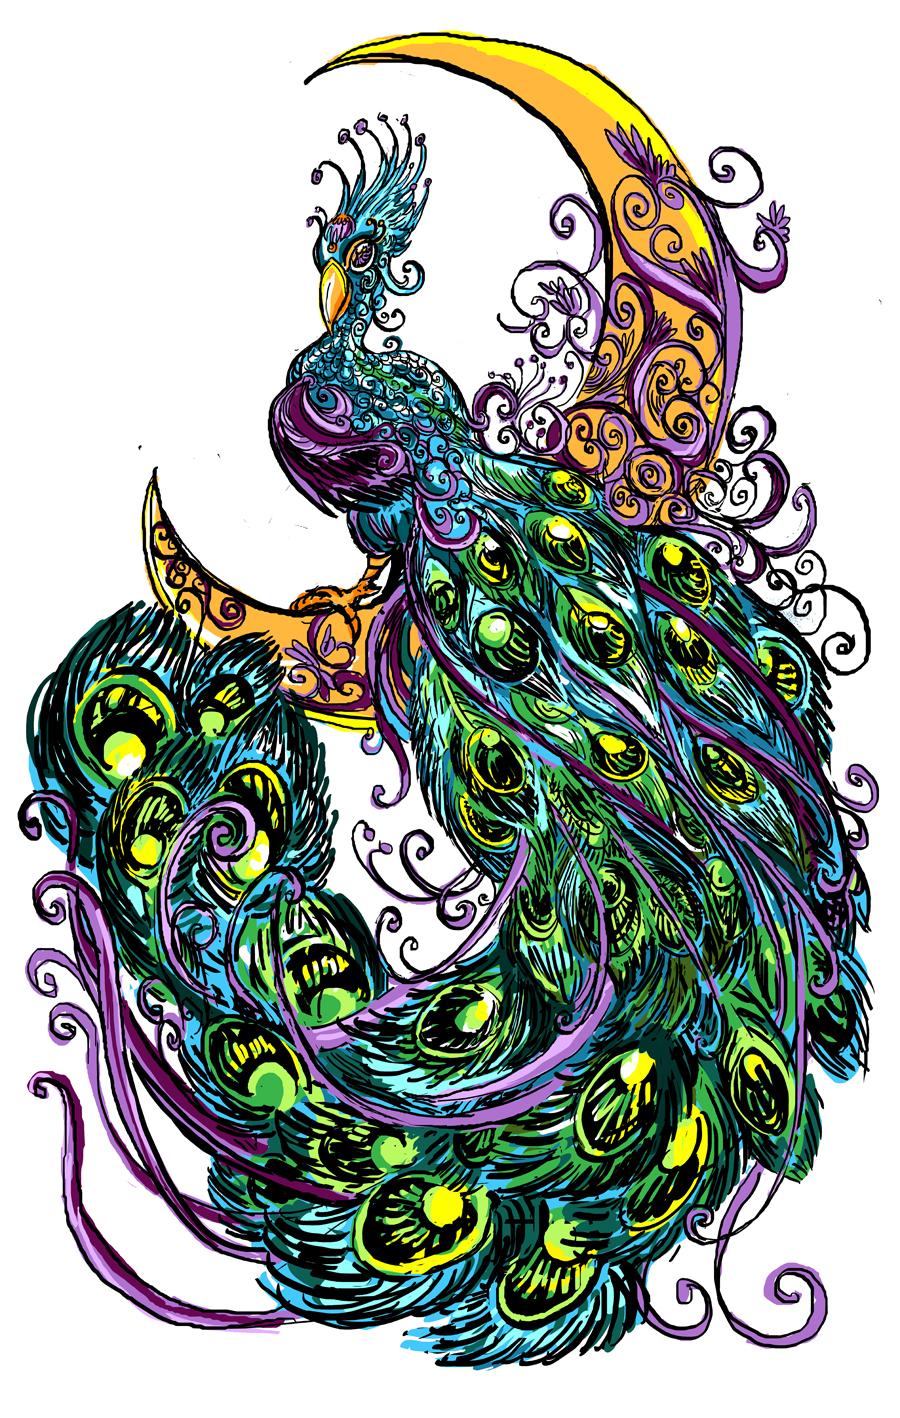 Peacock tattoo design by Rawyen on DeviantArt